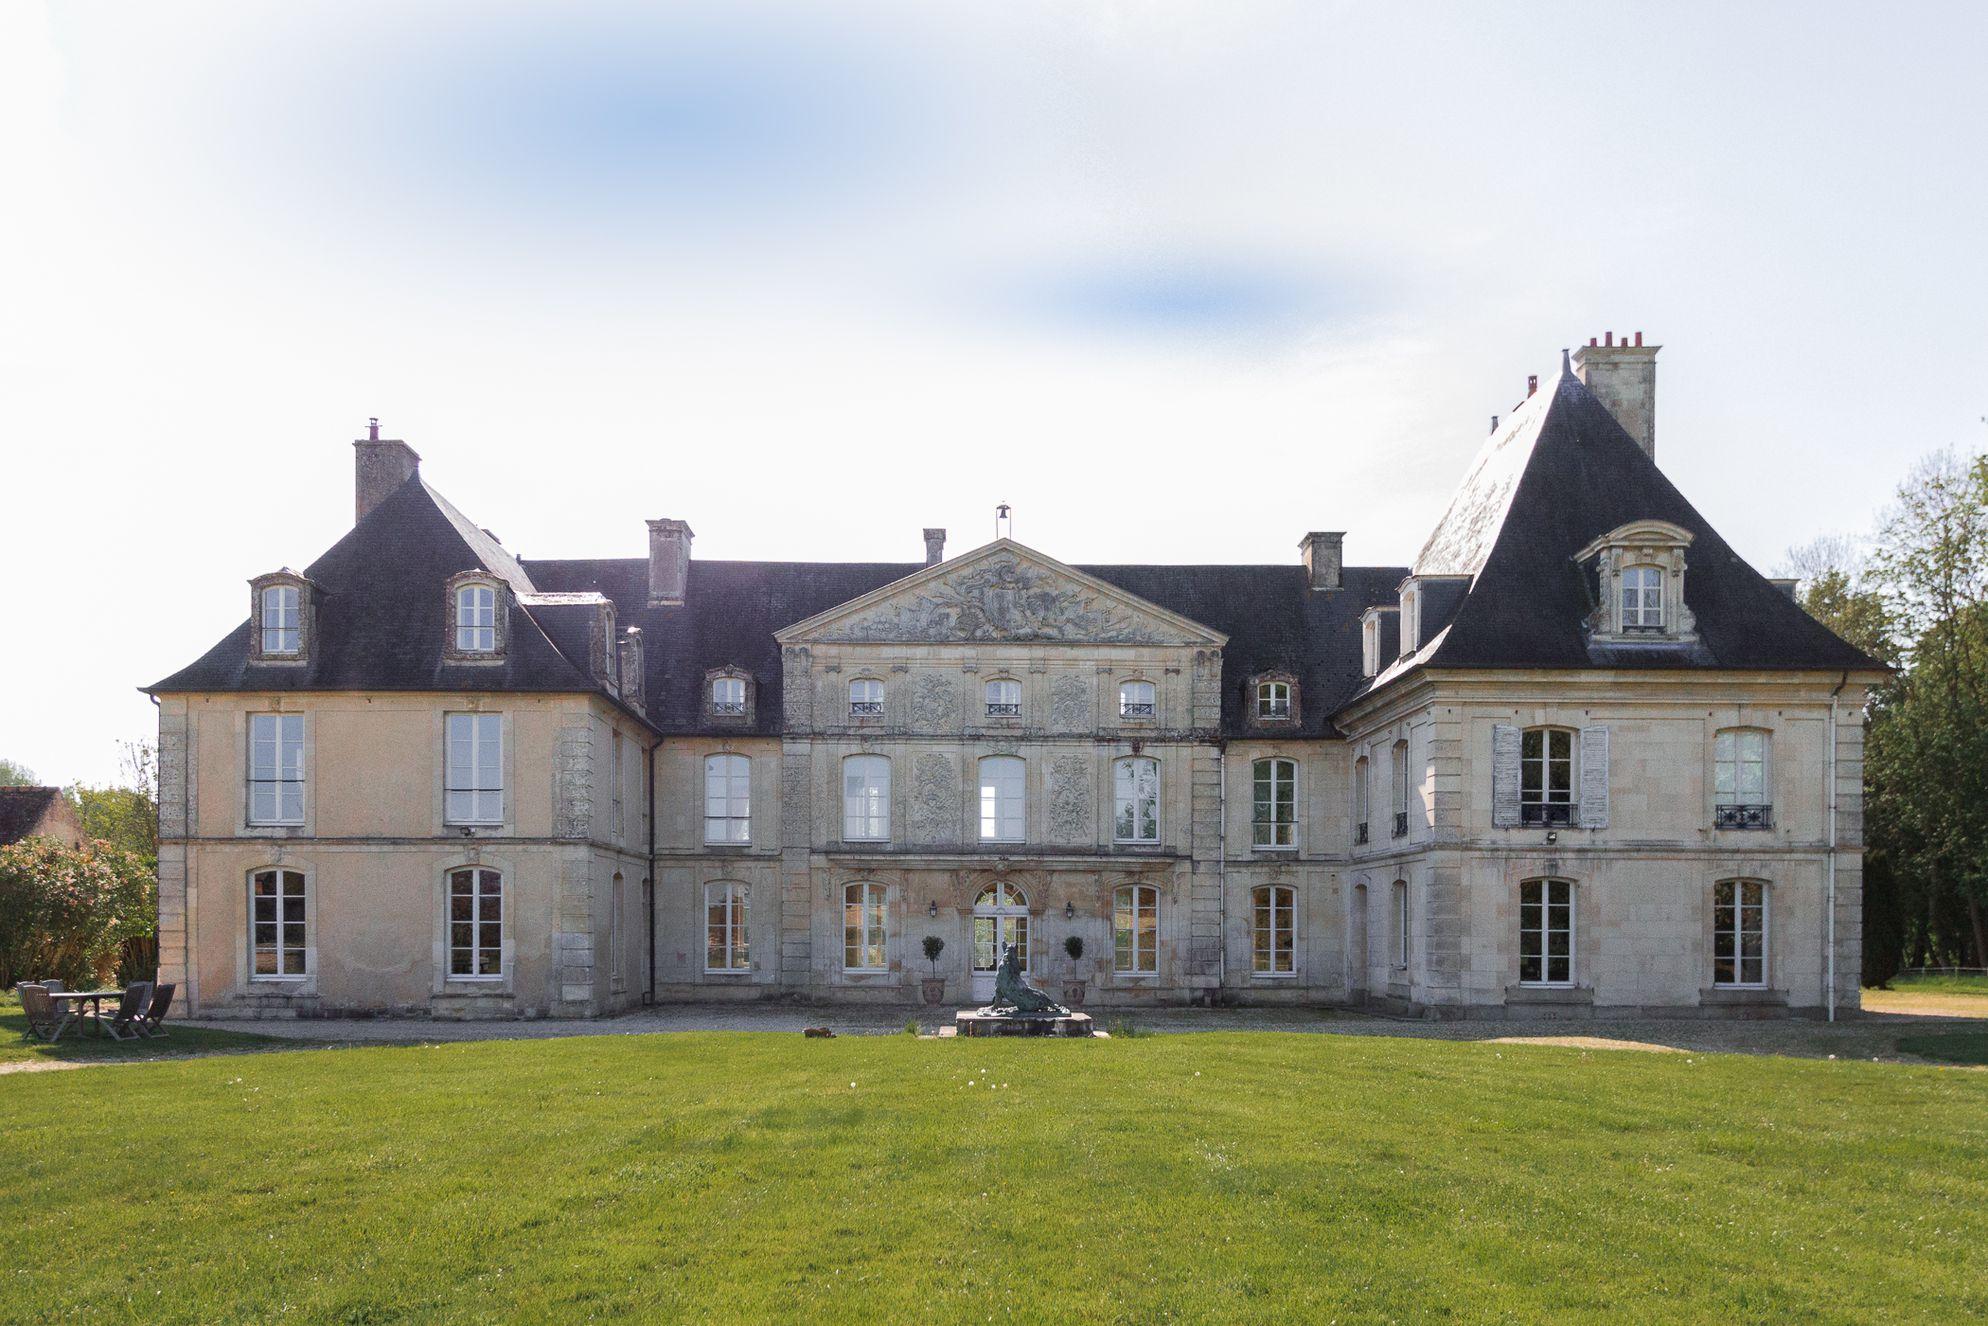 Ô Saisons, Ô Châteaux (Château de Cesny) - Gallery